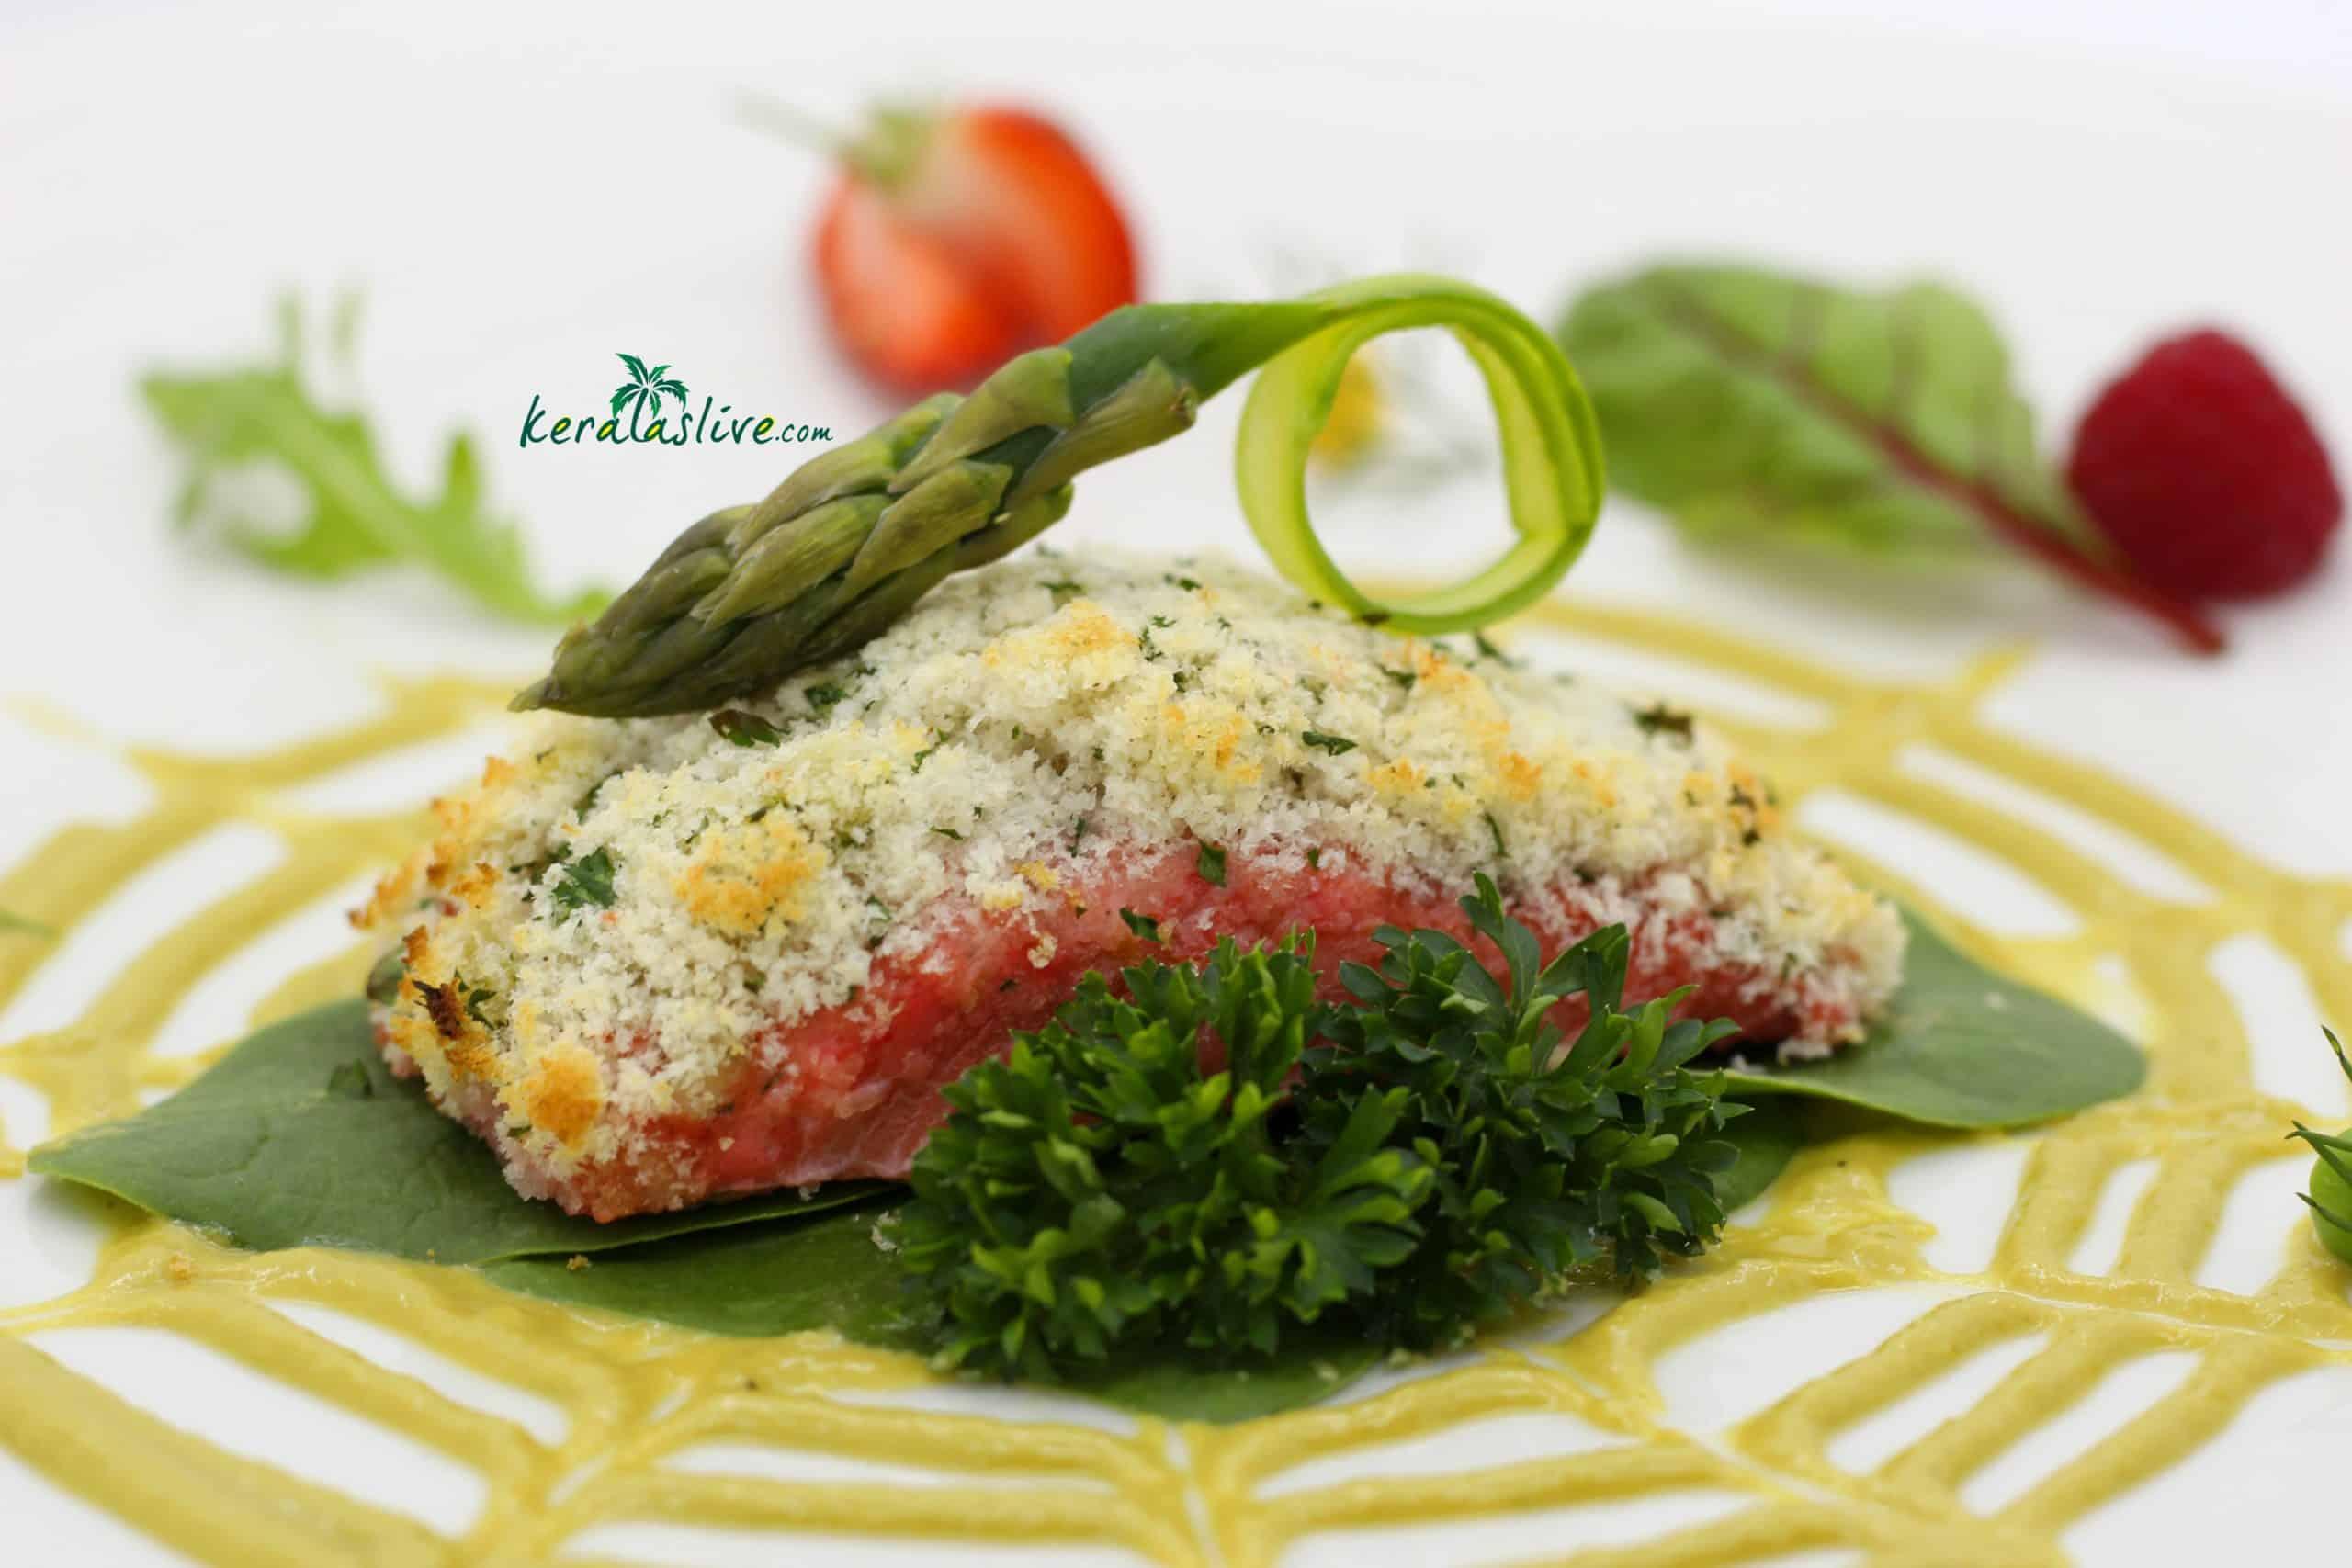 tandoori bread crusted Salmon